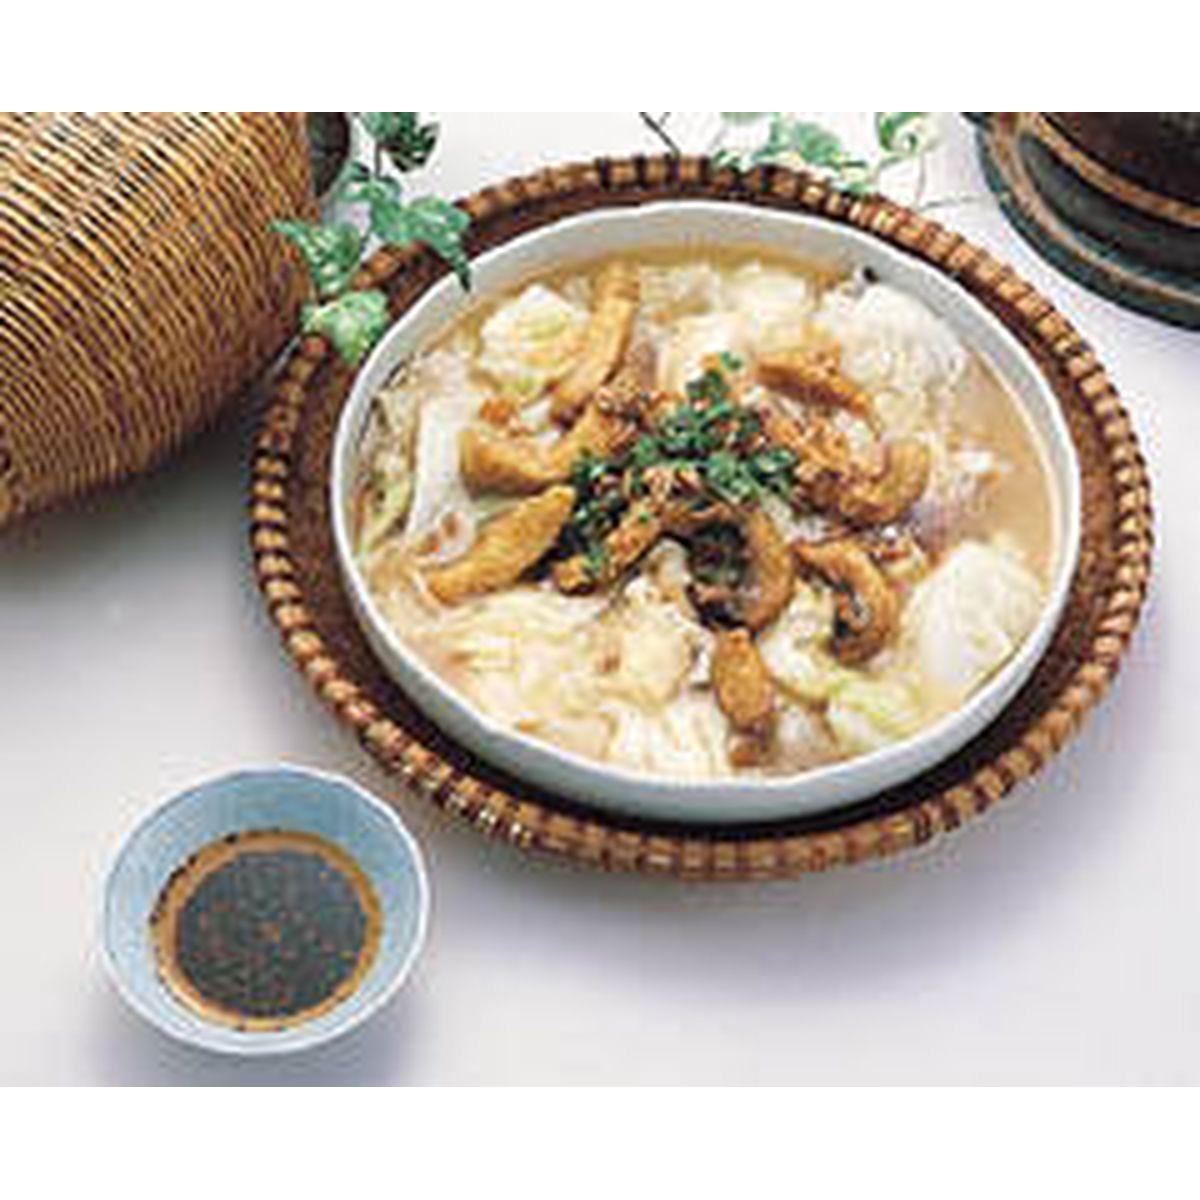 食譜:土魠魚羹